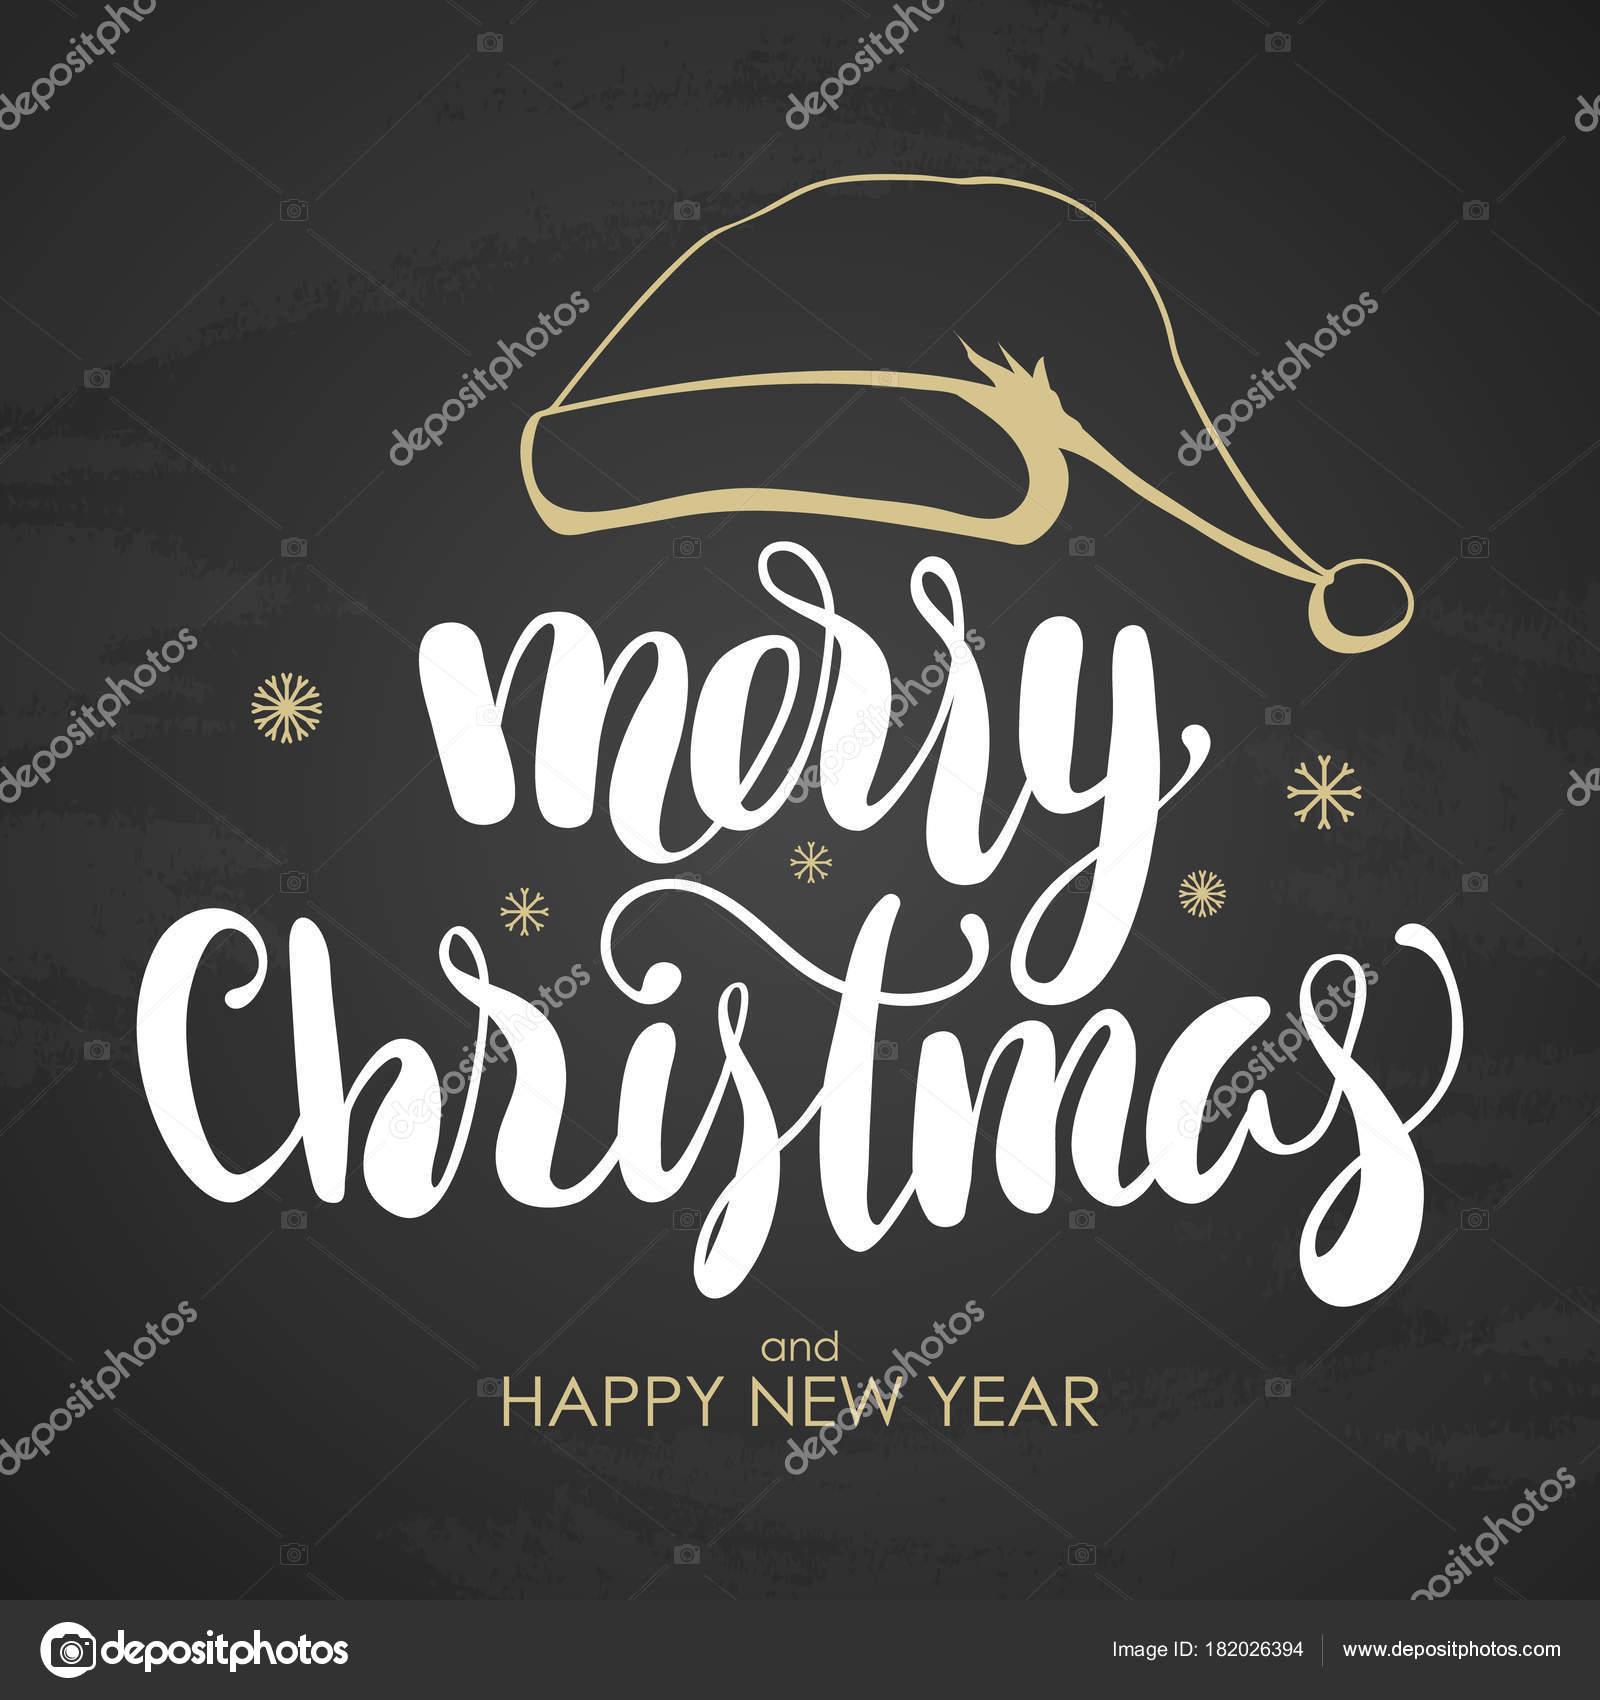 Immagini Con Scritte Di Buon Natale.Lettere Scritte A Mano Di Buon Natale E Felice Anno Nuovo